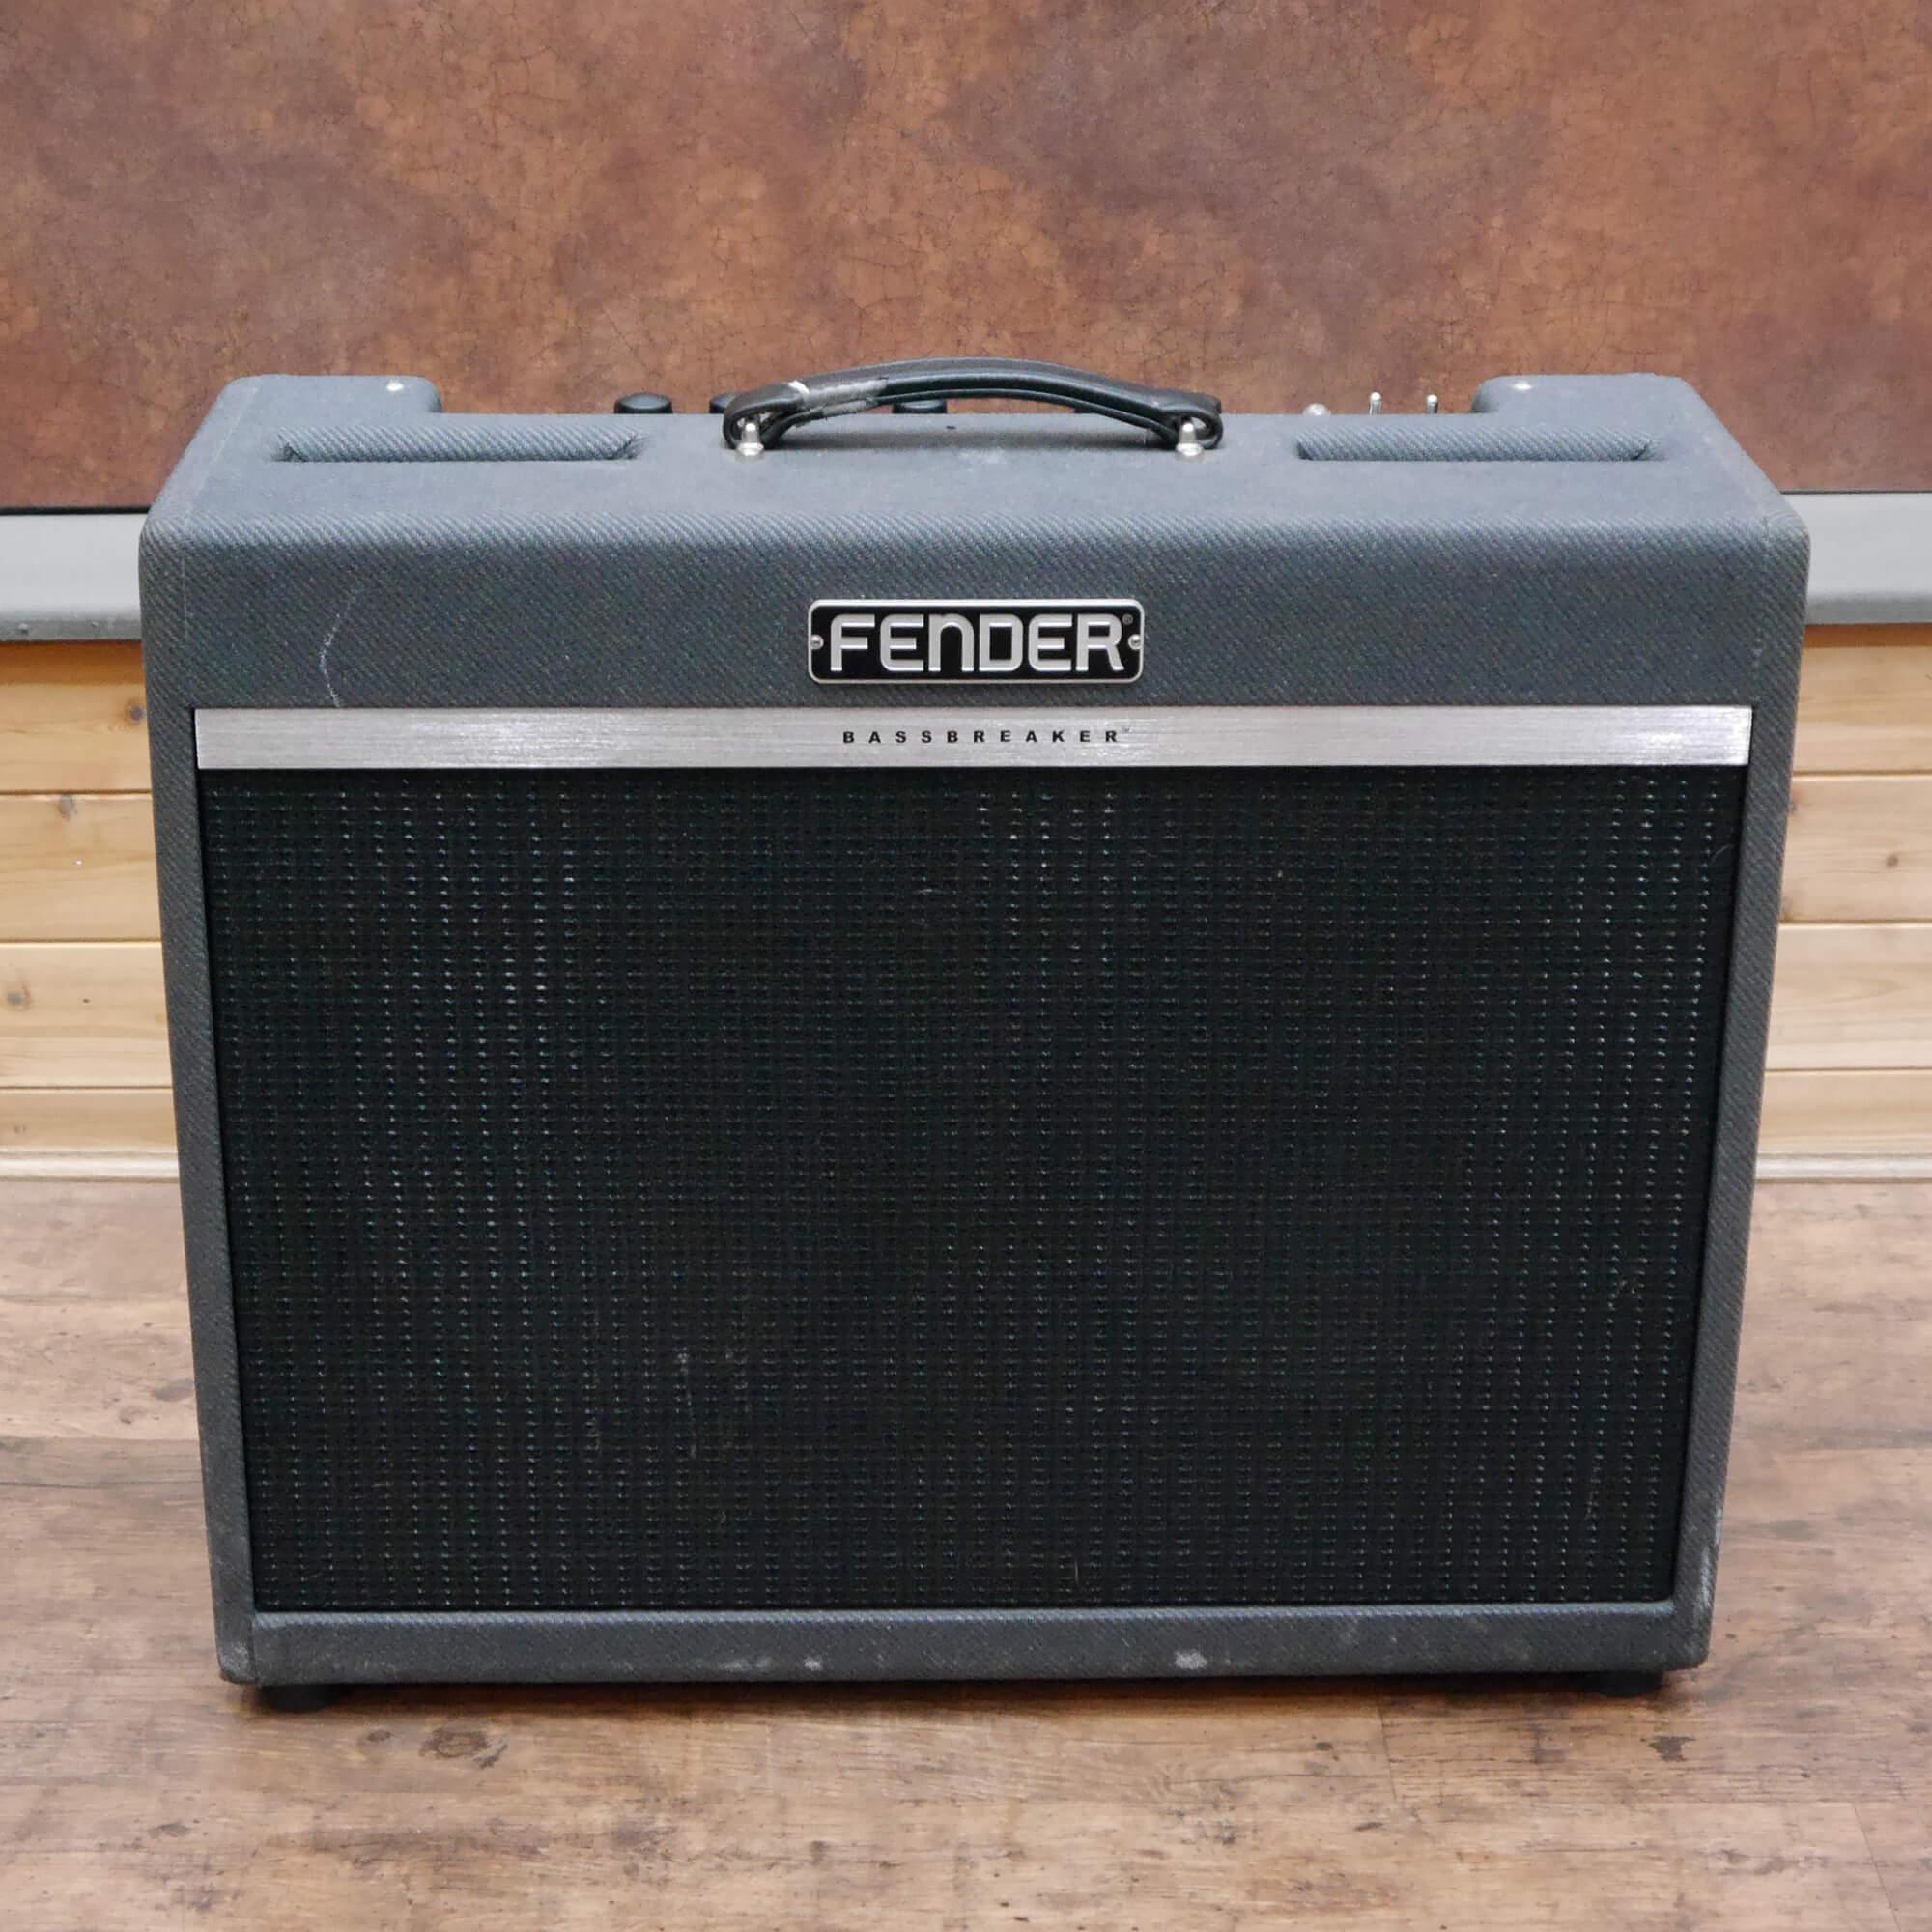 Fender Bassbreaker 18/30 2x12 Combo Amp - 2nd Hand